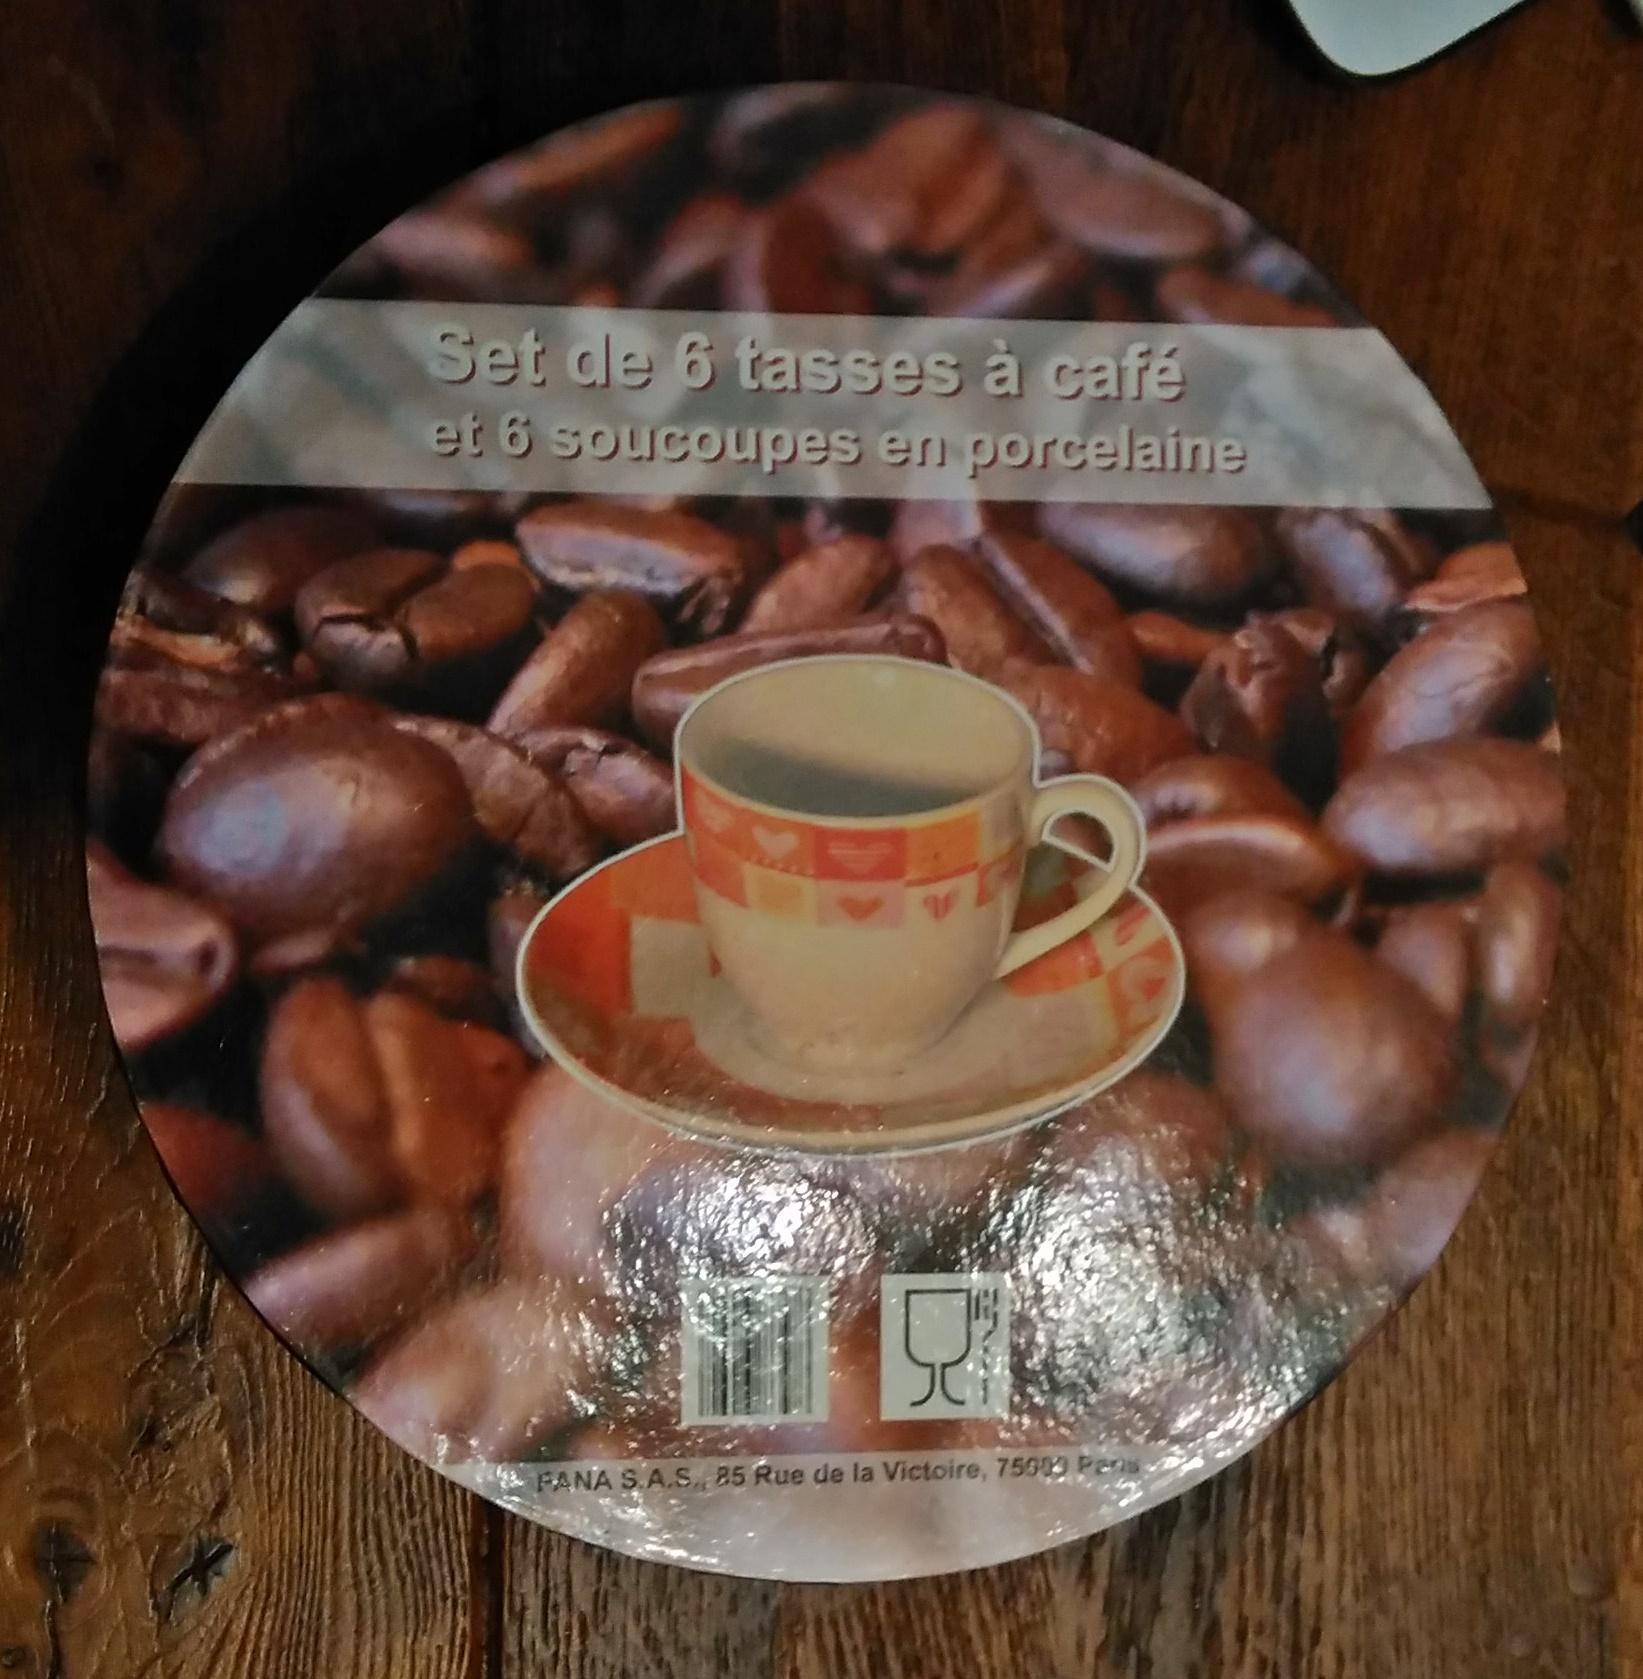 troc de troc set neuf de 6 tasses à café et soucoupes image 1